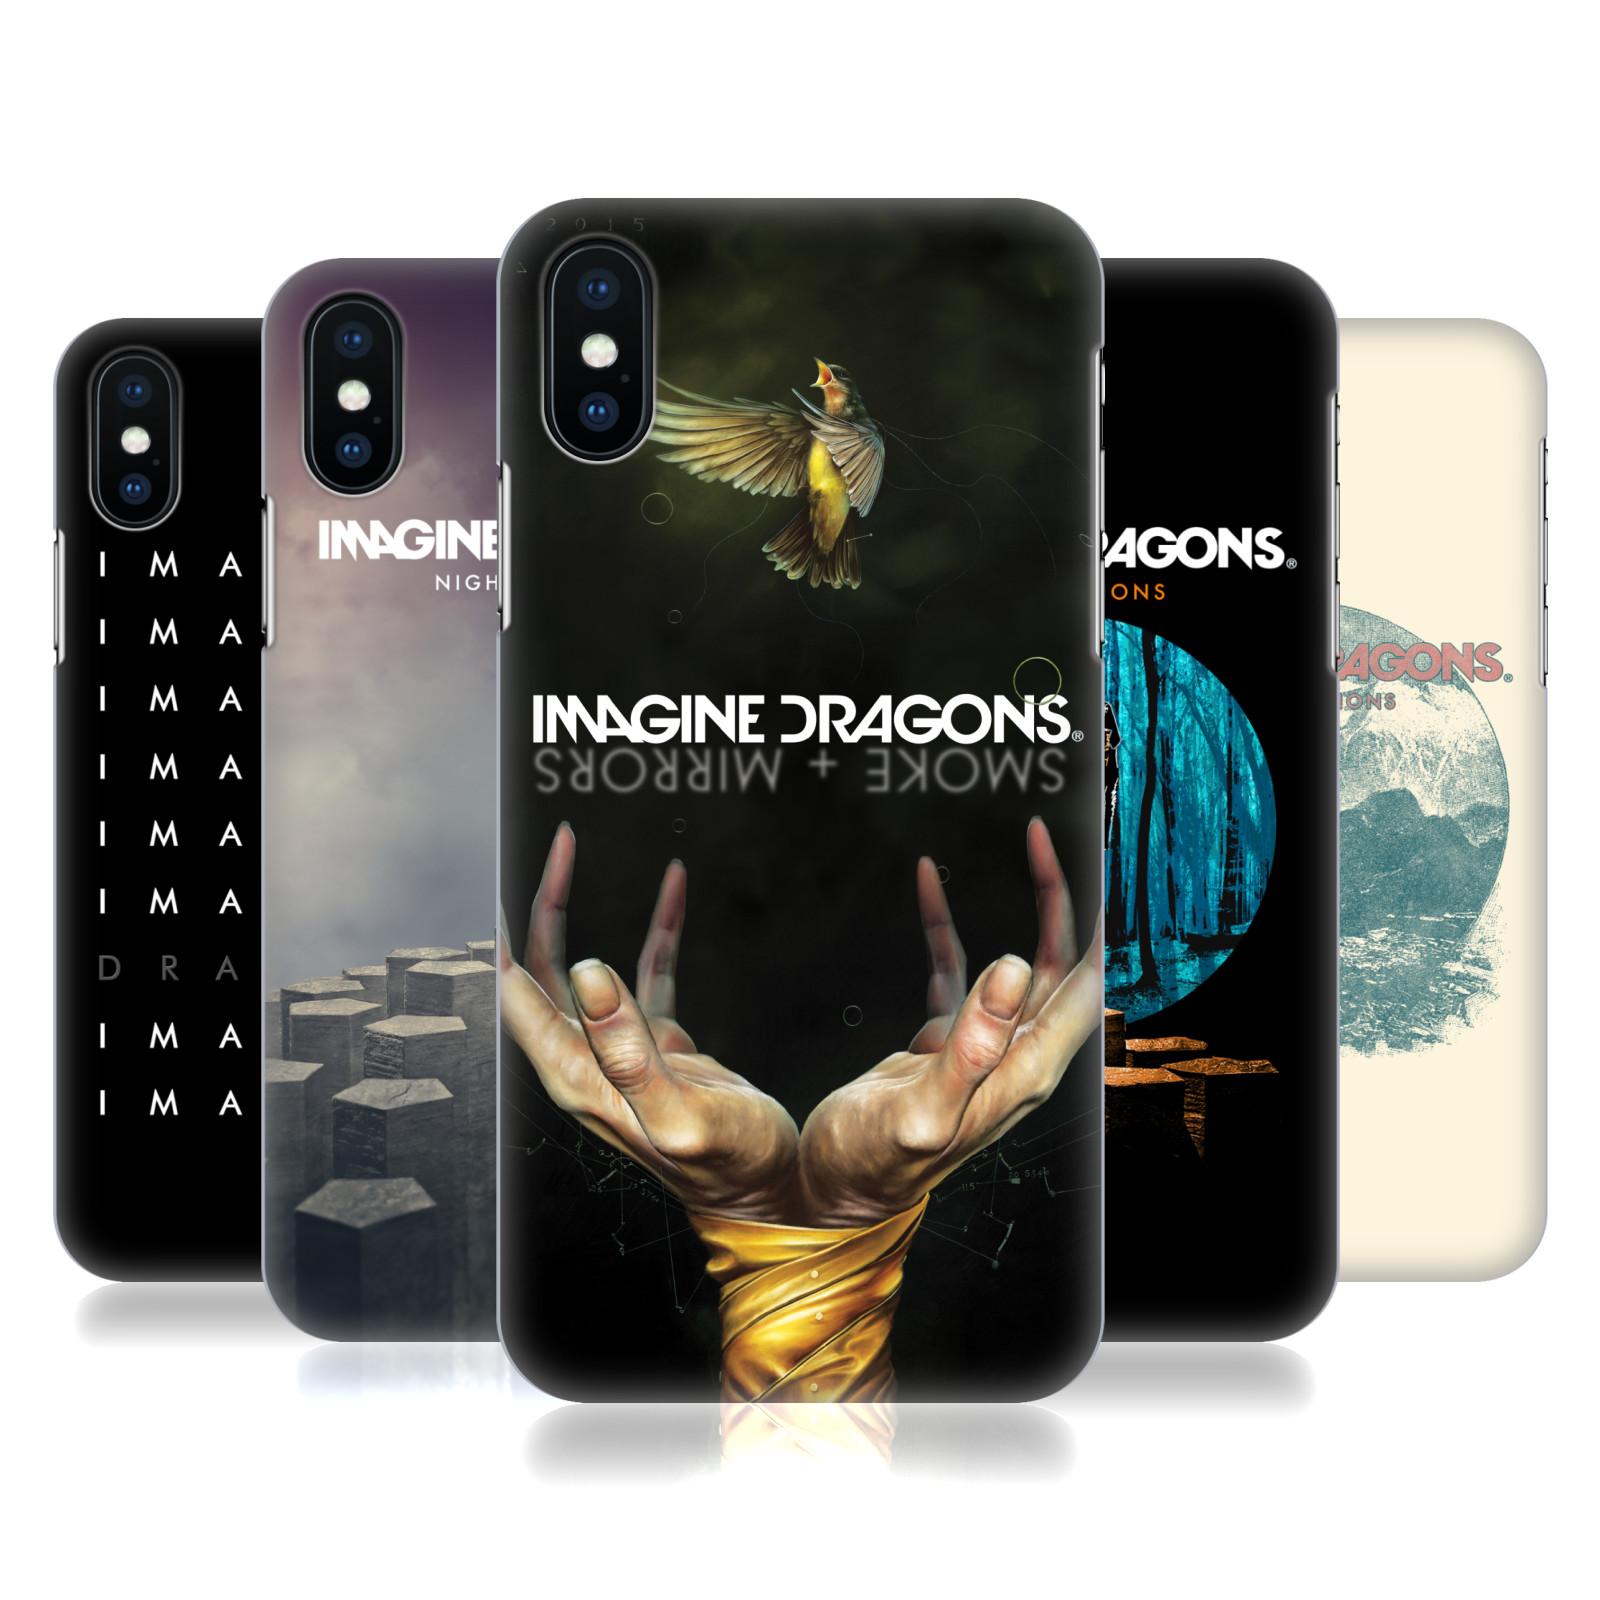 imagine dragons iphone 7 case